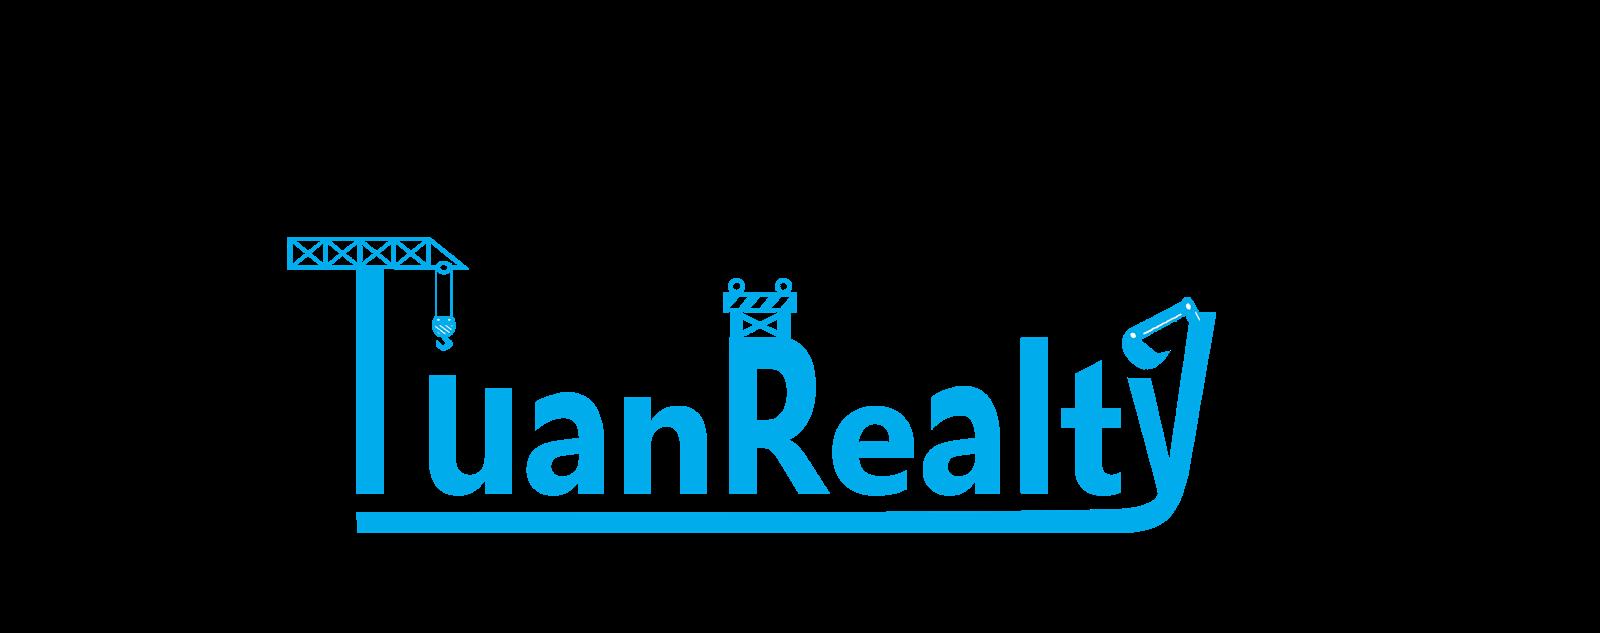 TuanRealty - Căn hộ chung cư cao cấp tại TPHCM